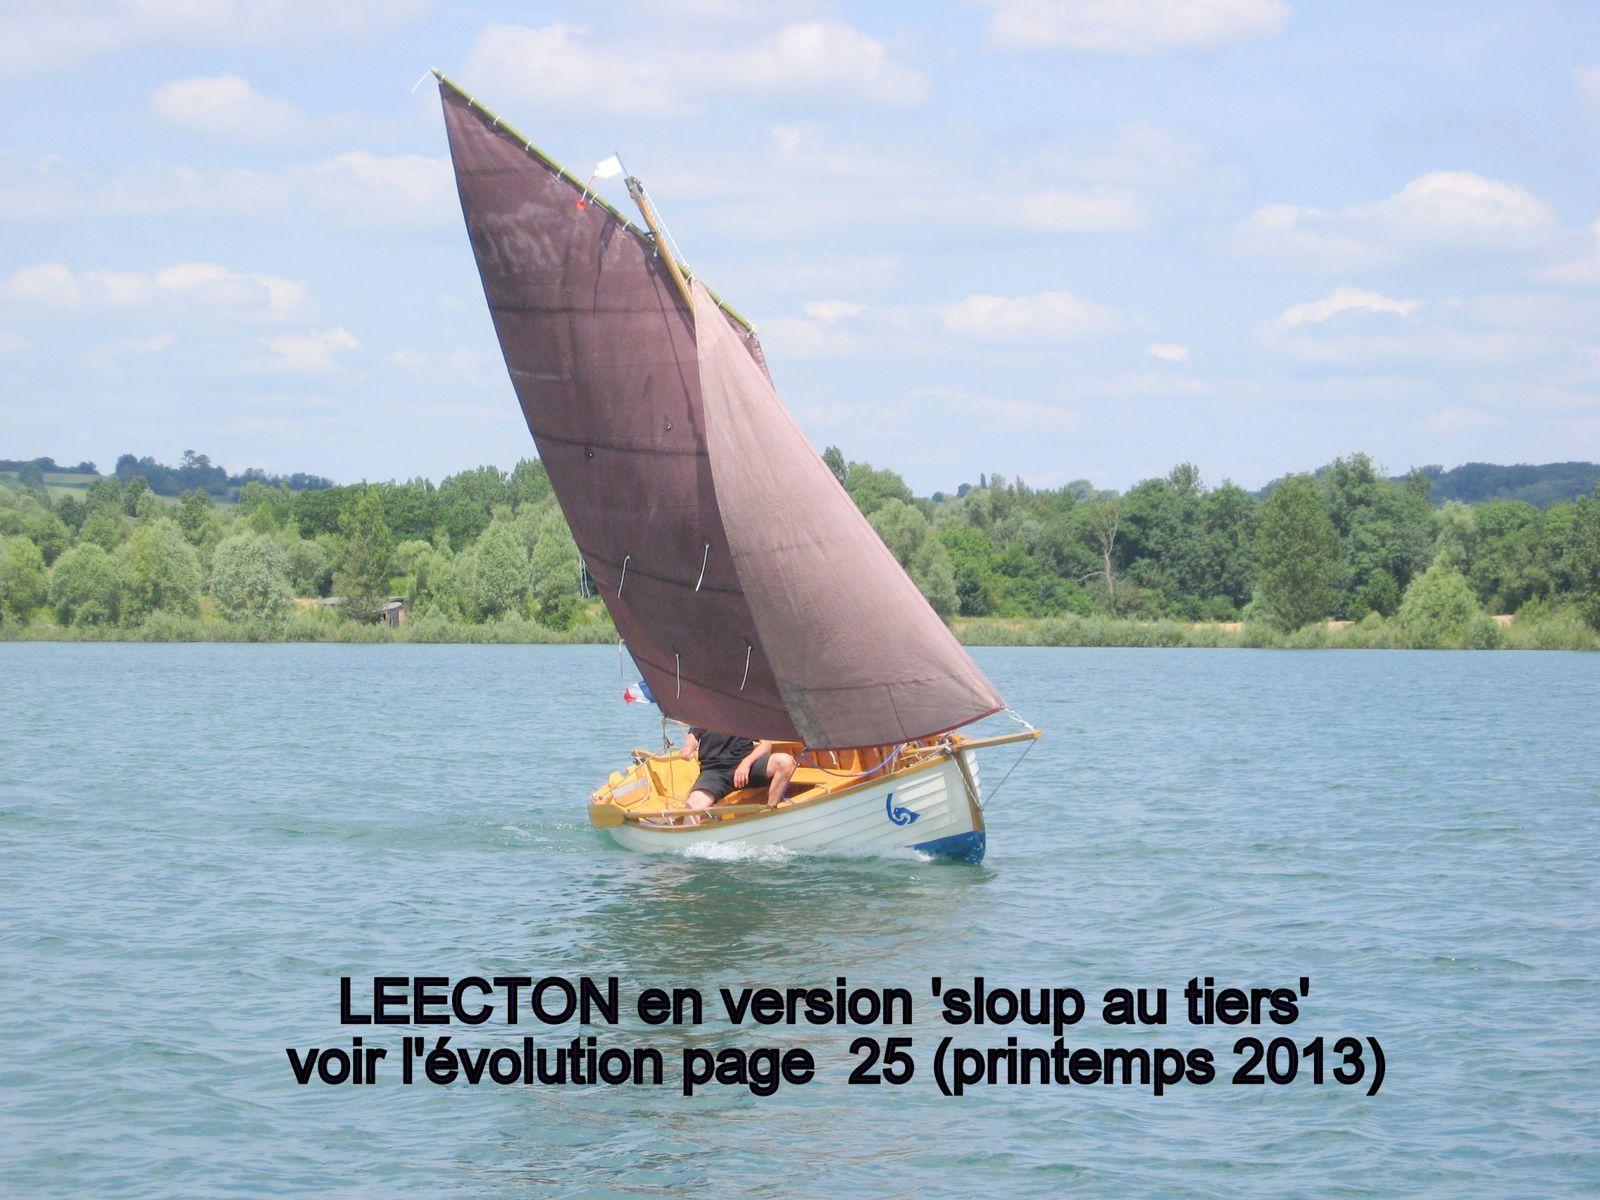 Désormais LEECTON dispose de deux types de gréements différents:  Celui d'origine (misainier) et le nouveau (sloup au tiers / voir les détails de l'évolution page 25)